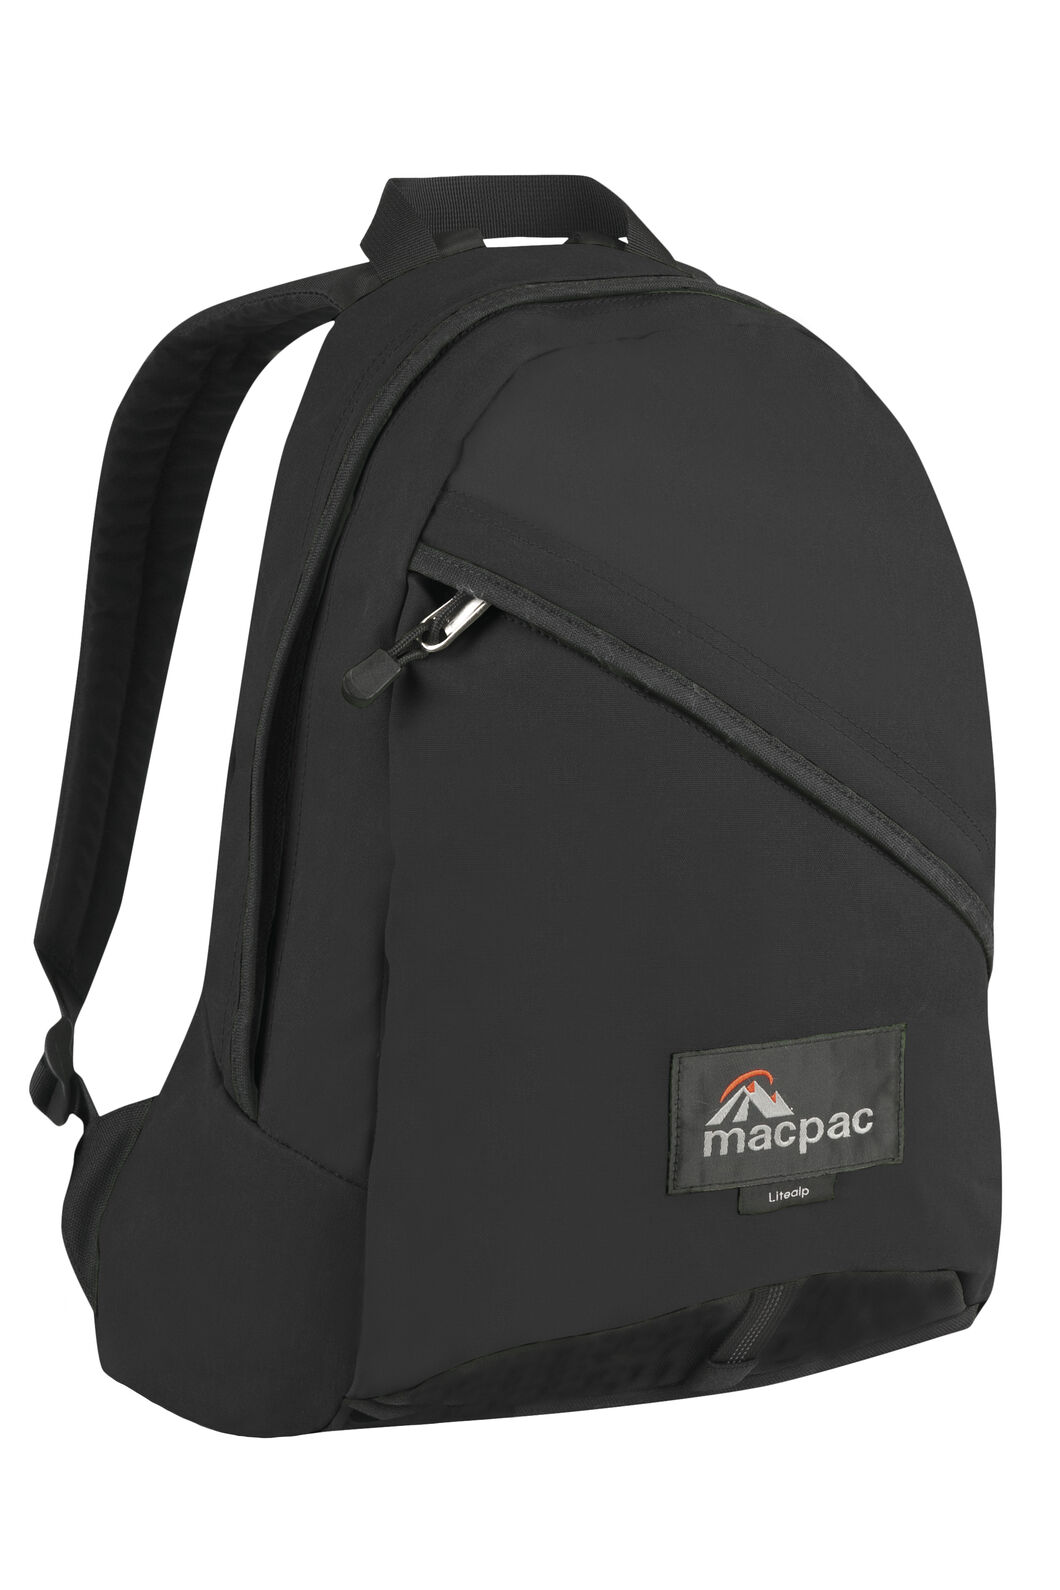 Litealp 23L AzTec® Backpack, Black, hi-res